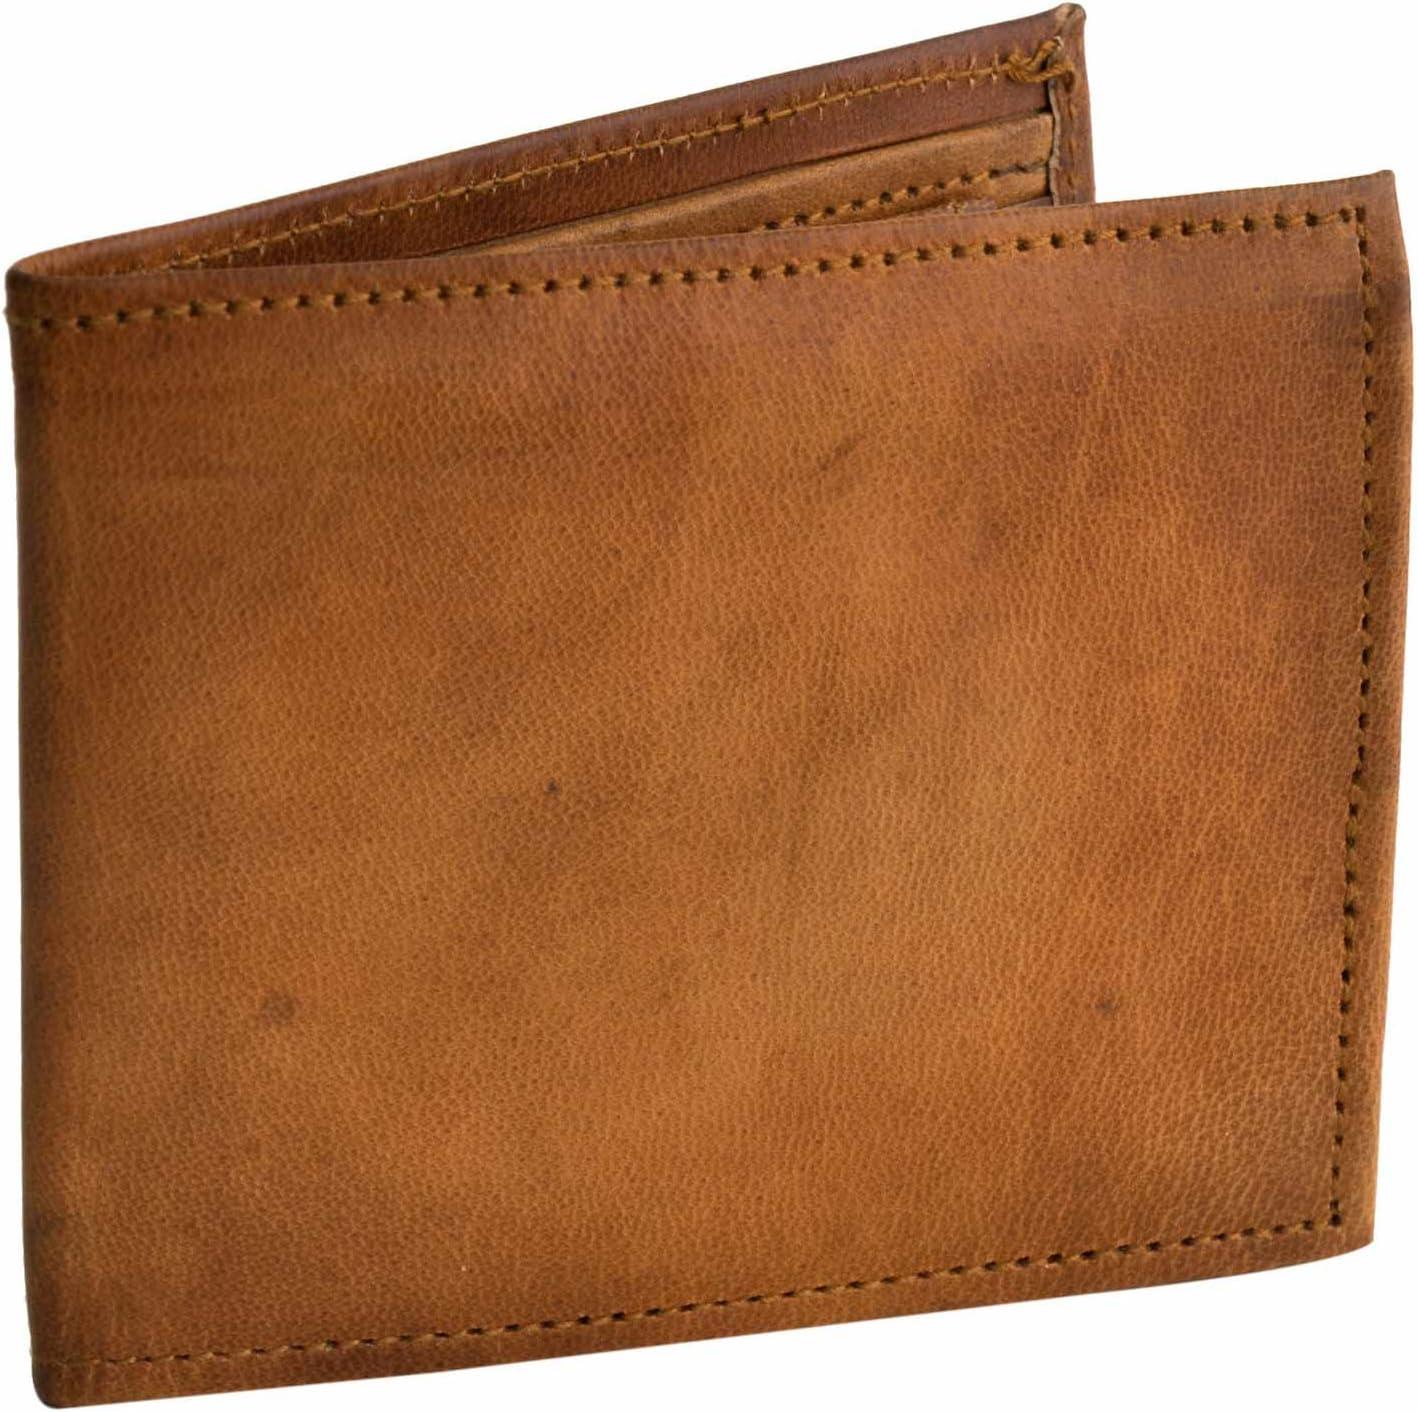 """Portefeuille en cuir /""""Emil/"""" Porte-monnaie petit vintage compartiments multiples unisexe Marron clair A122b Gusti Cuir nature"""